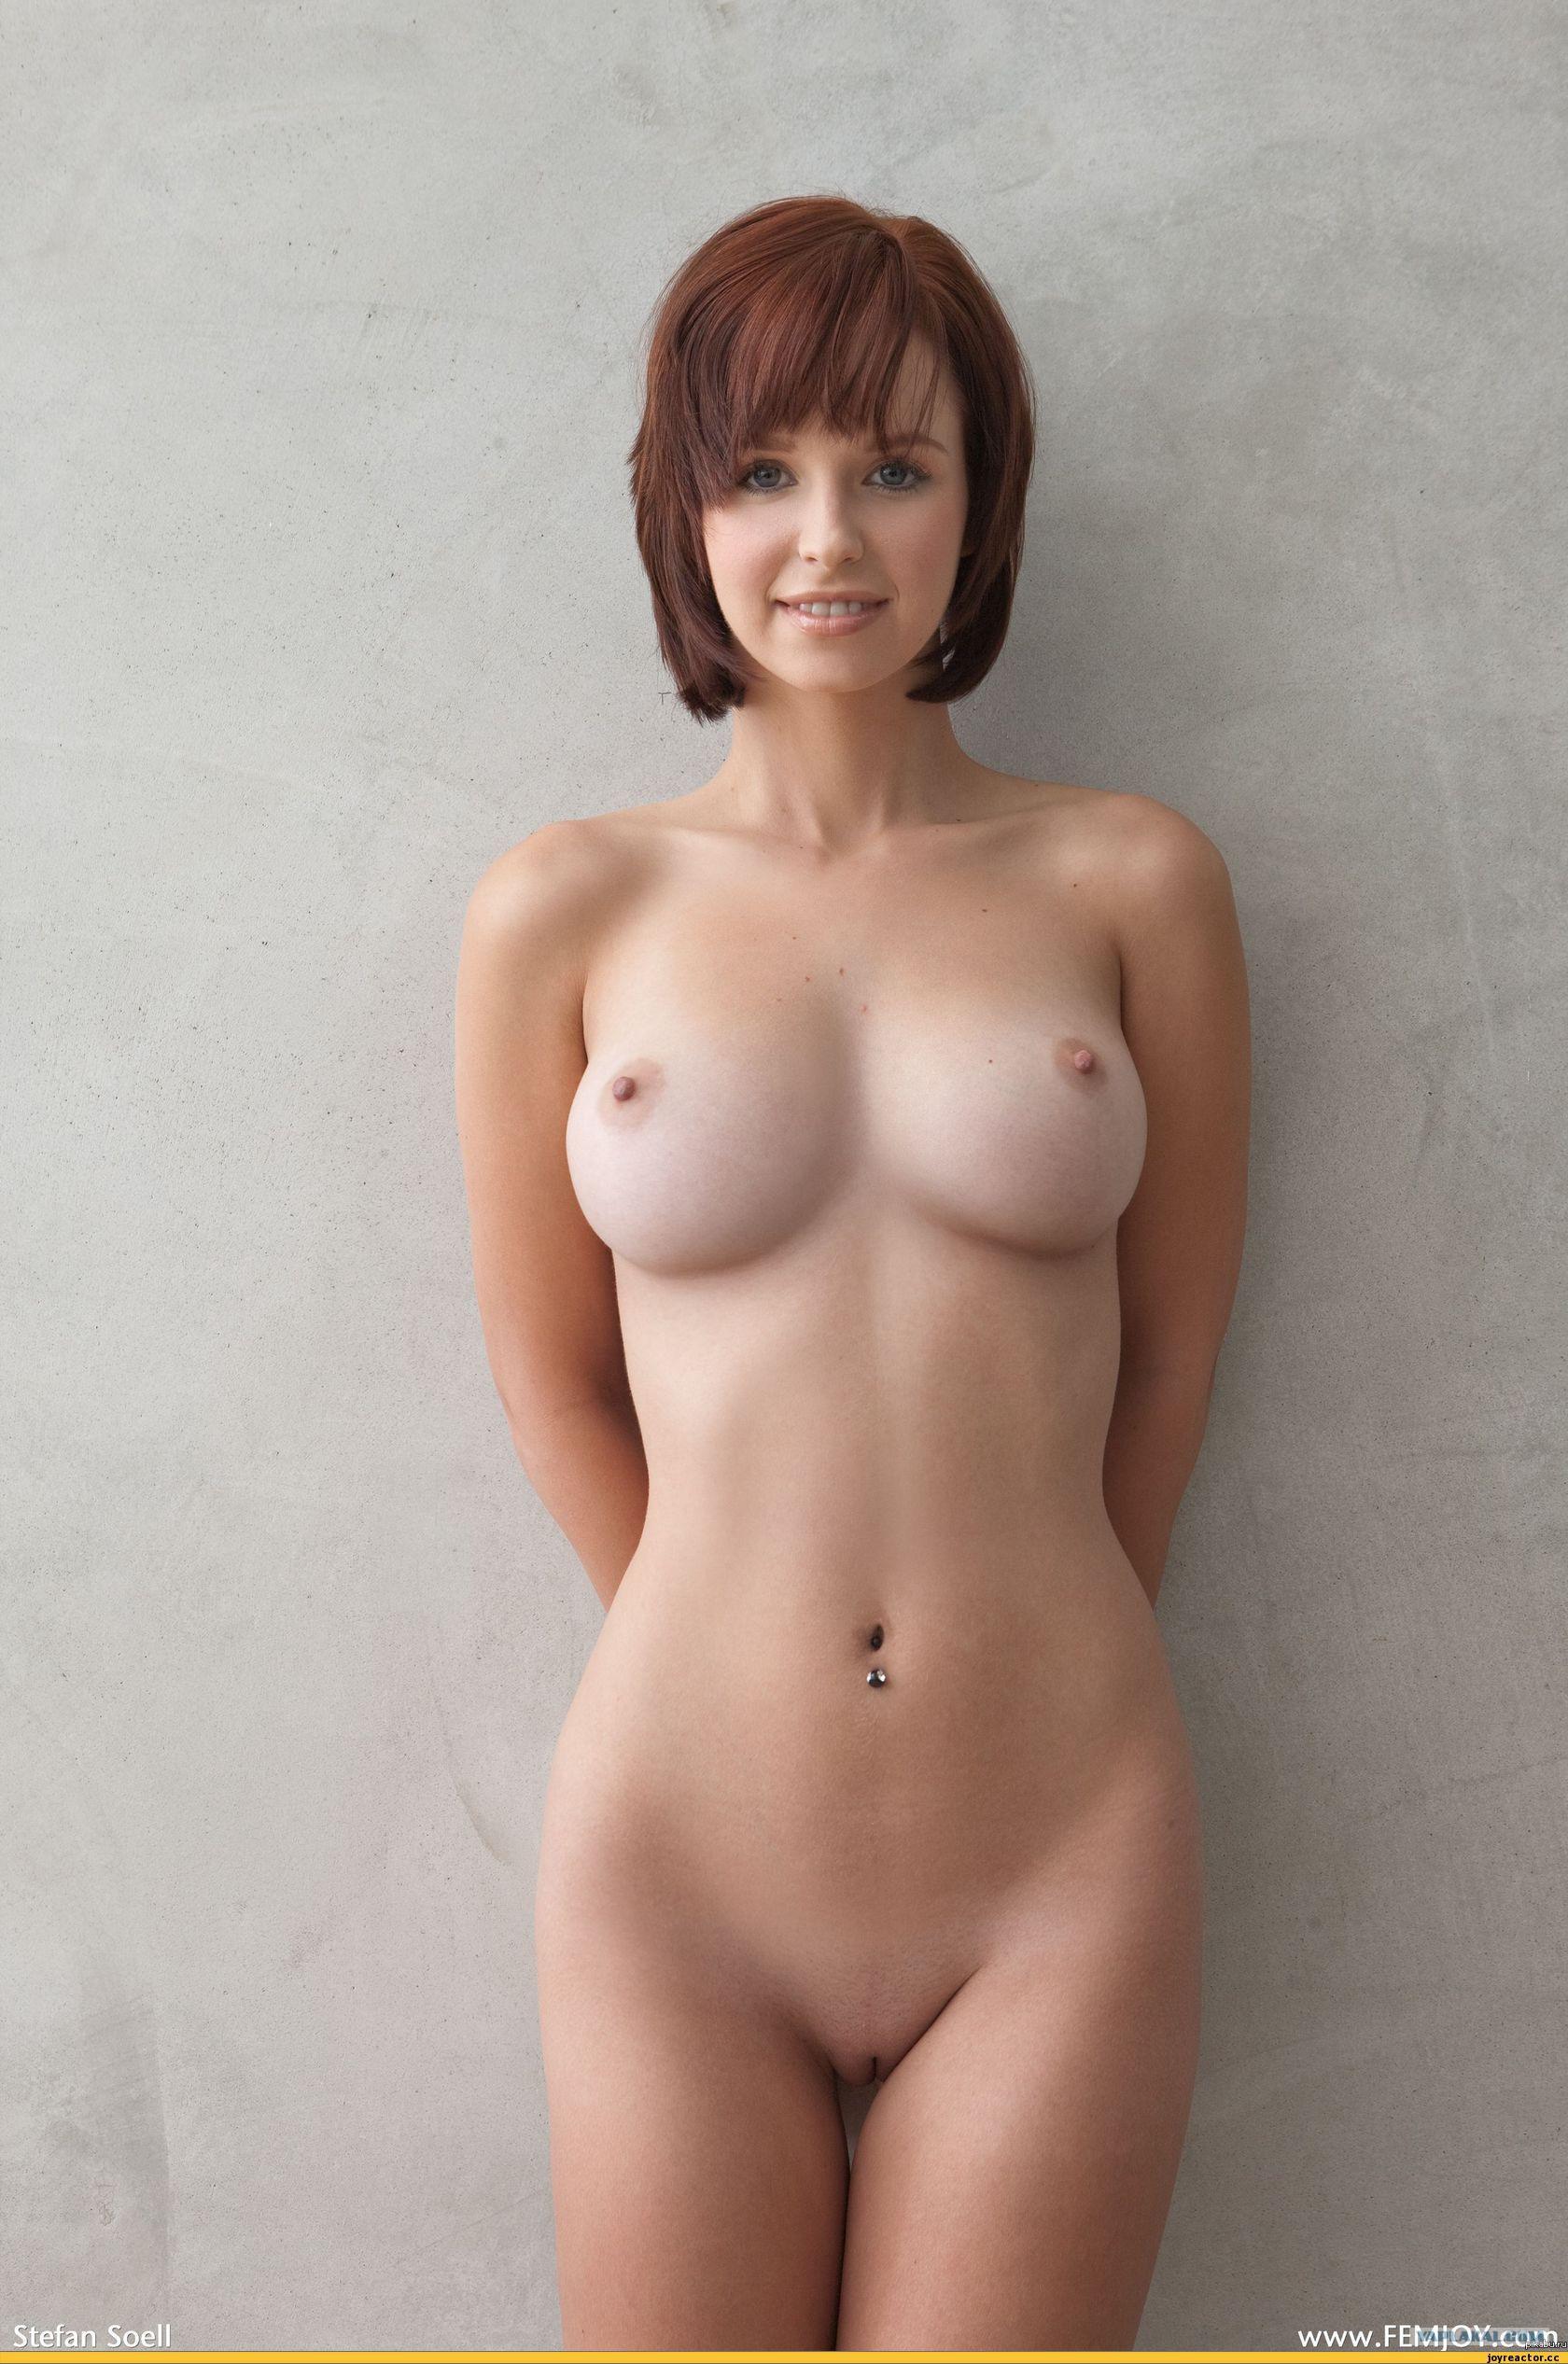 Видео голые девки без регистрации 1 фотография